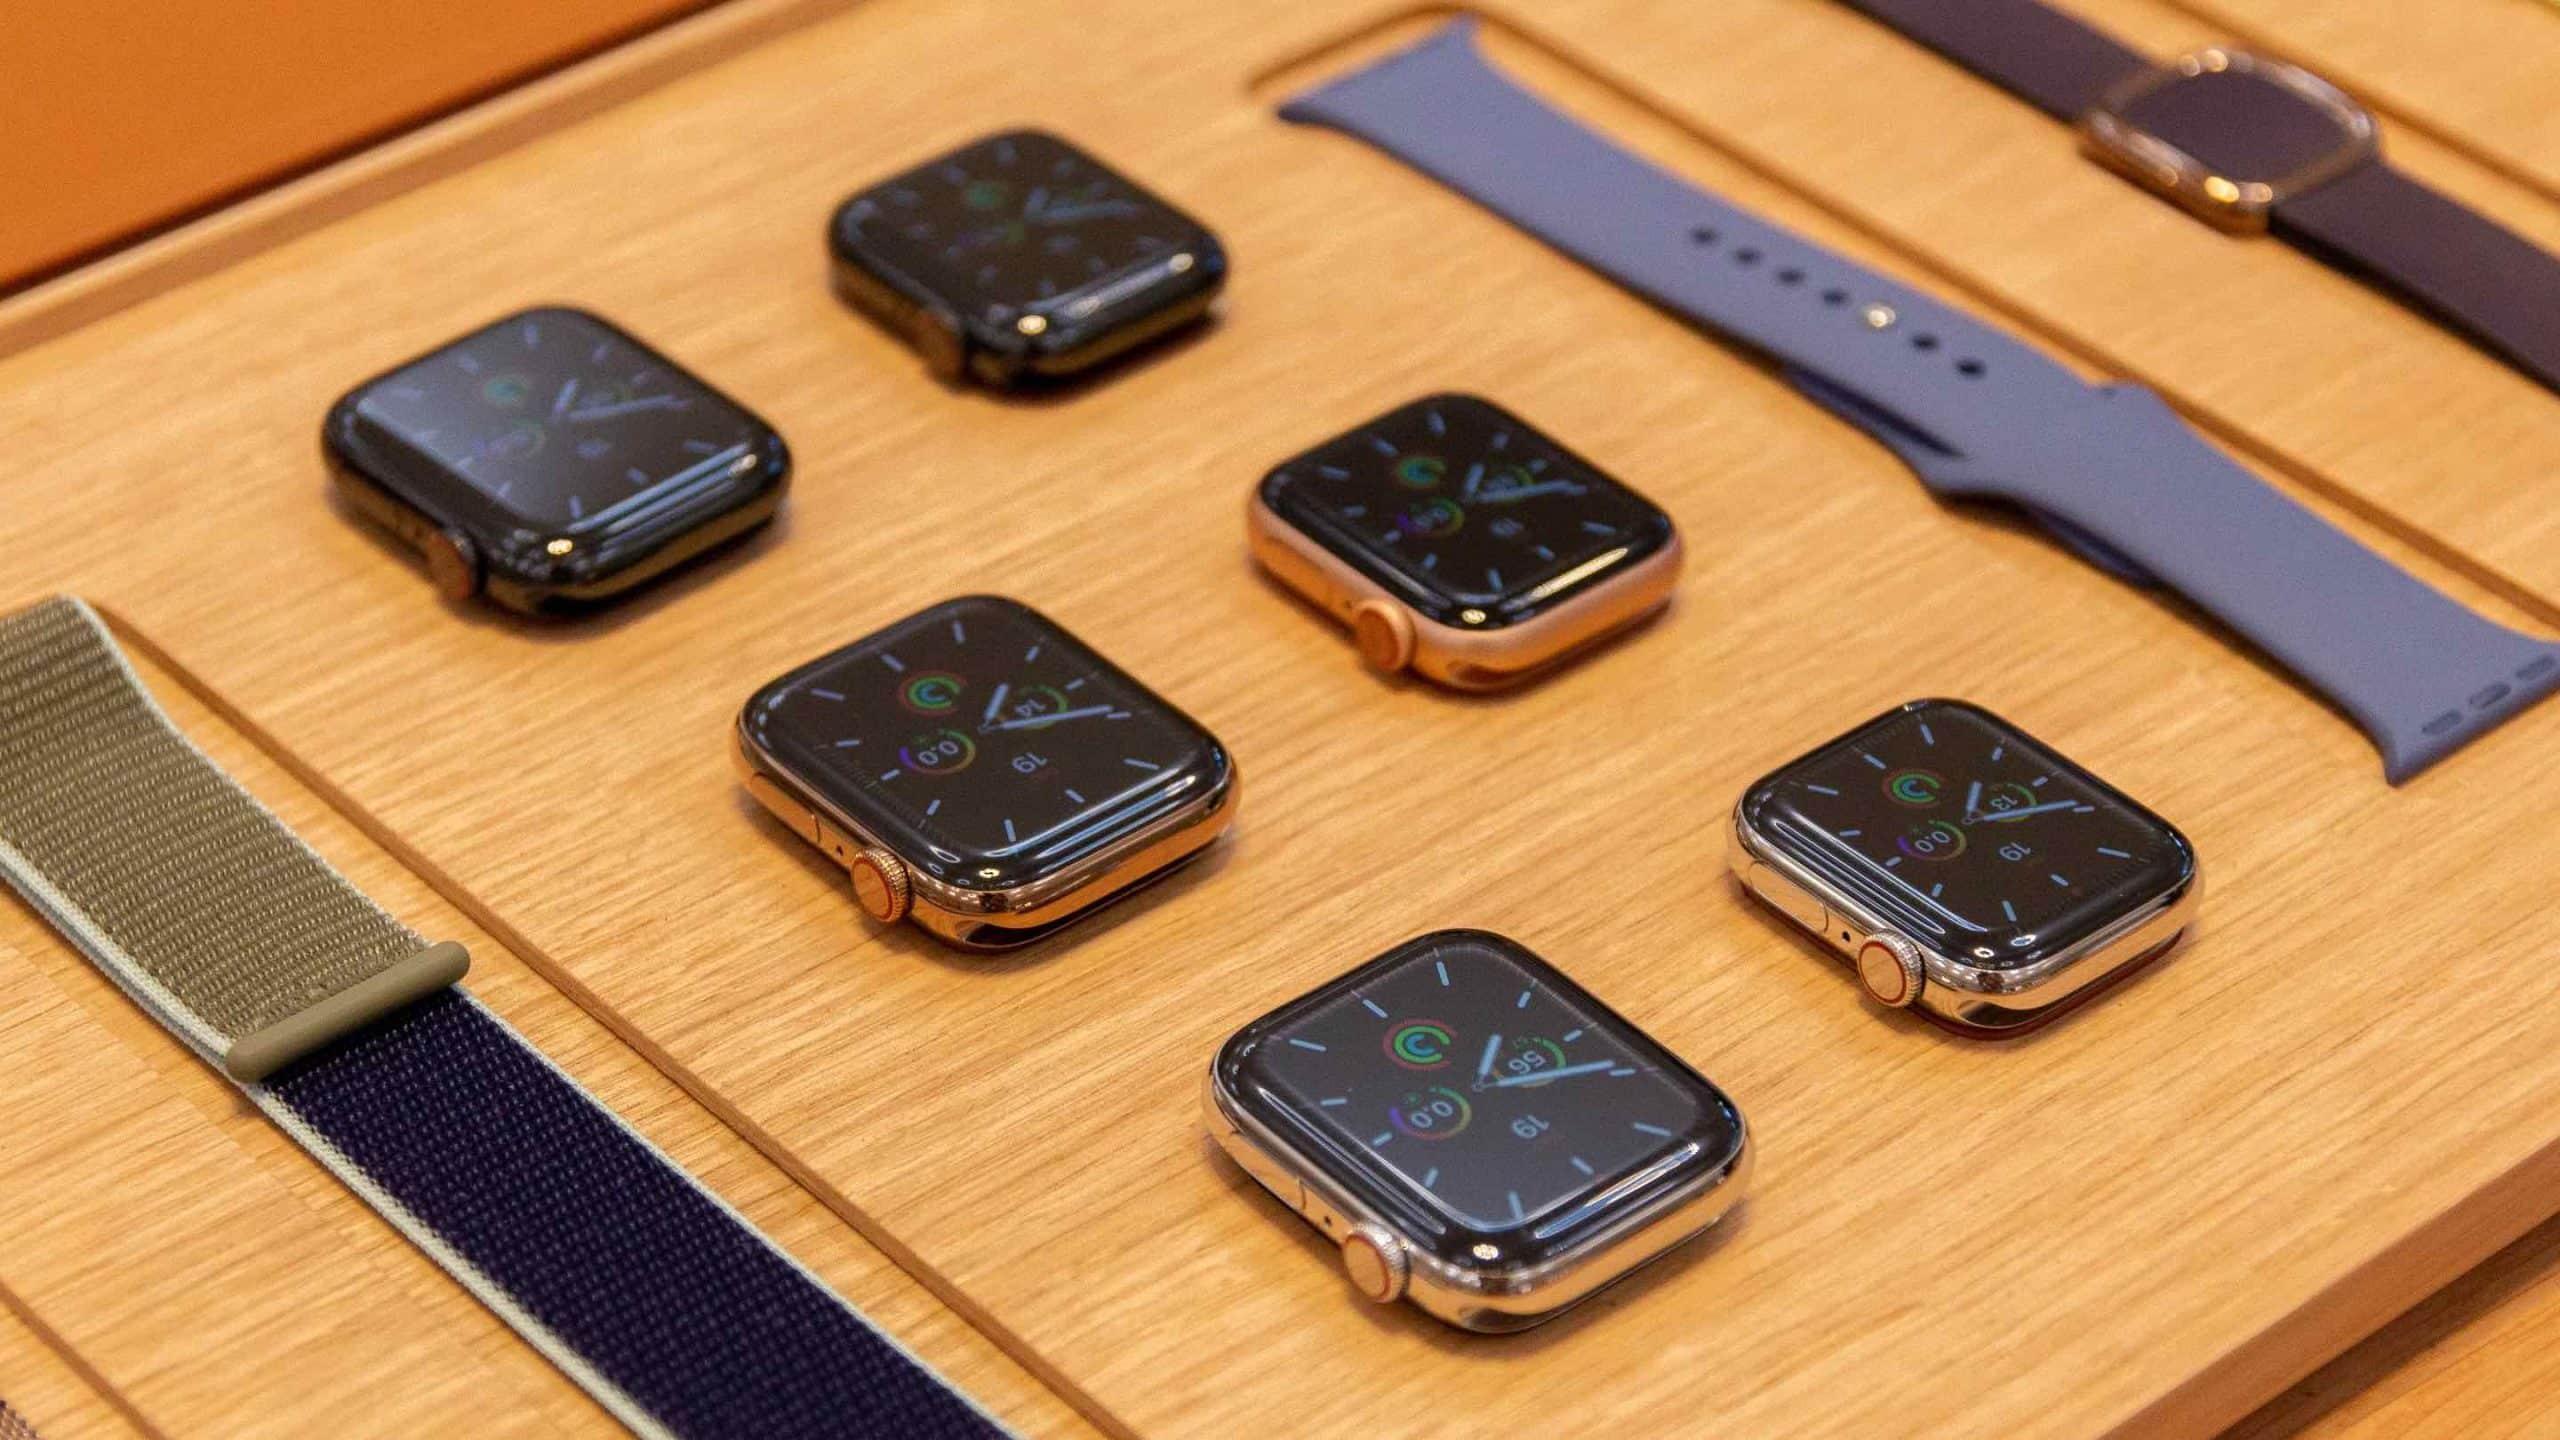 Les ventes de l'Apple Watch battent tous les records au cours du deuxième trimestre 2021